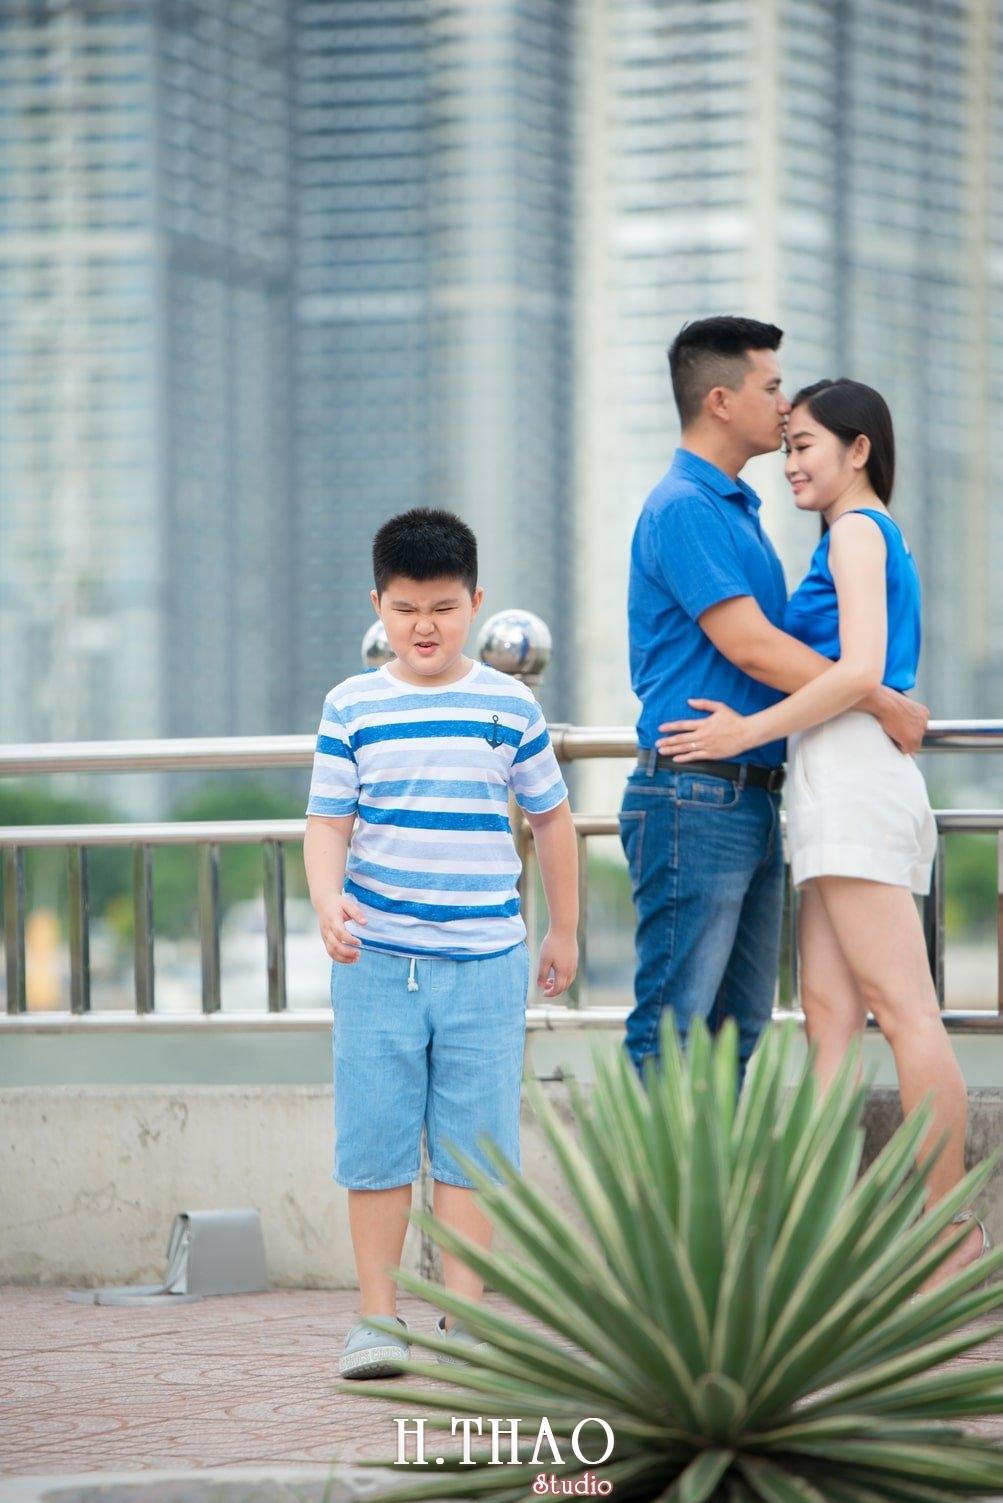 Anh Gia dinh 3 nguoi 5 - Bộ ảnh gia đình 3 người chụp ngoại cảnh đẹp tự nhiên - HThao Studio